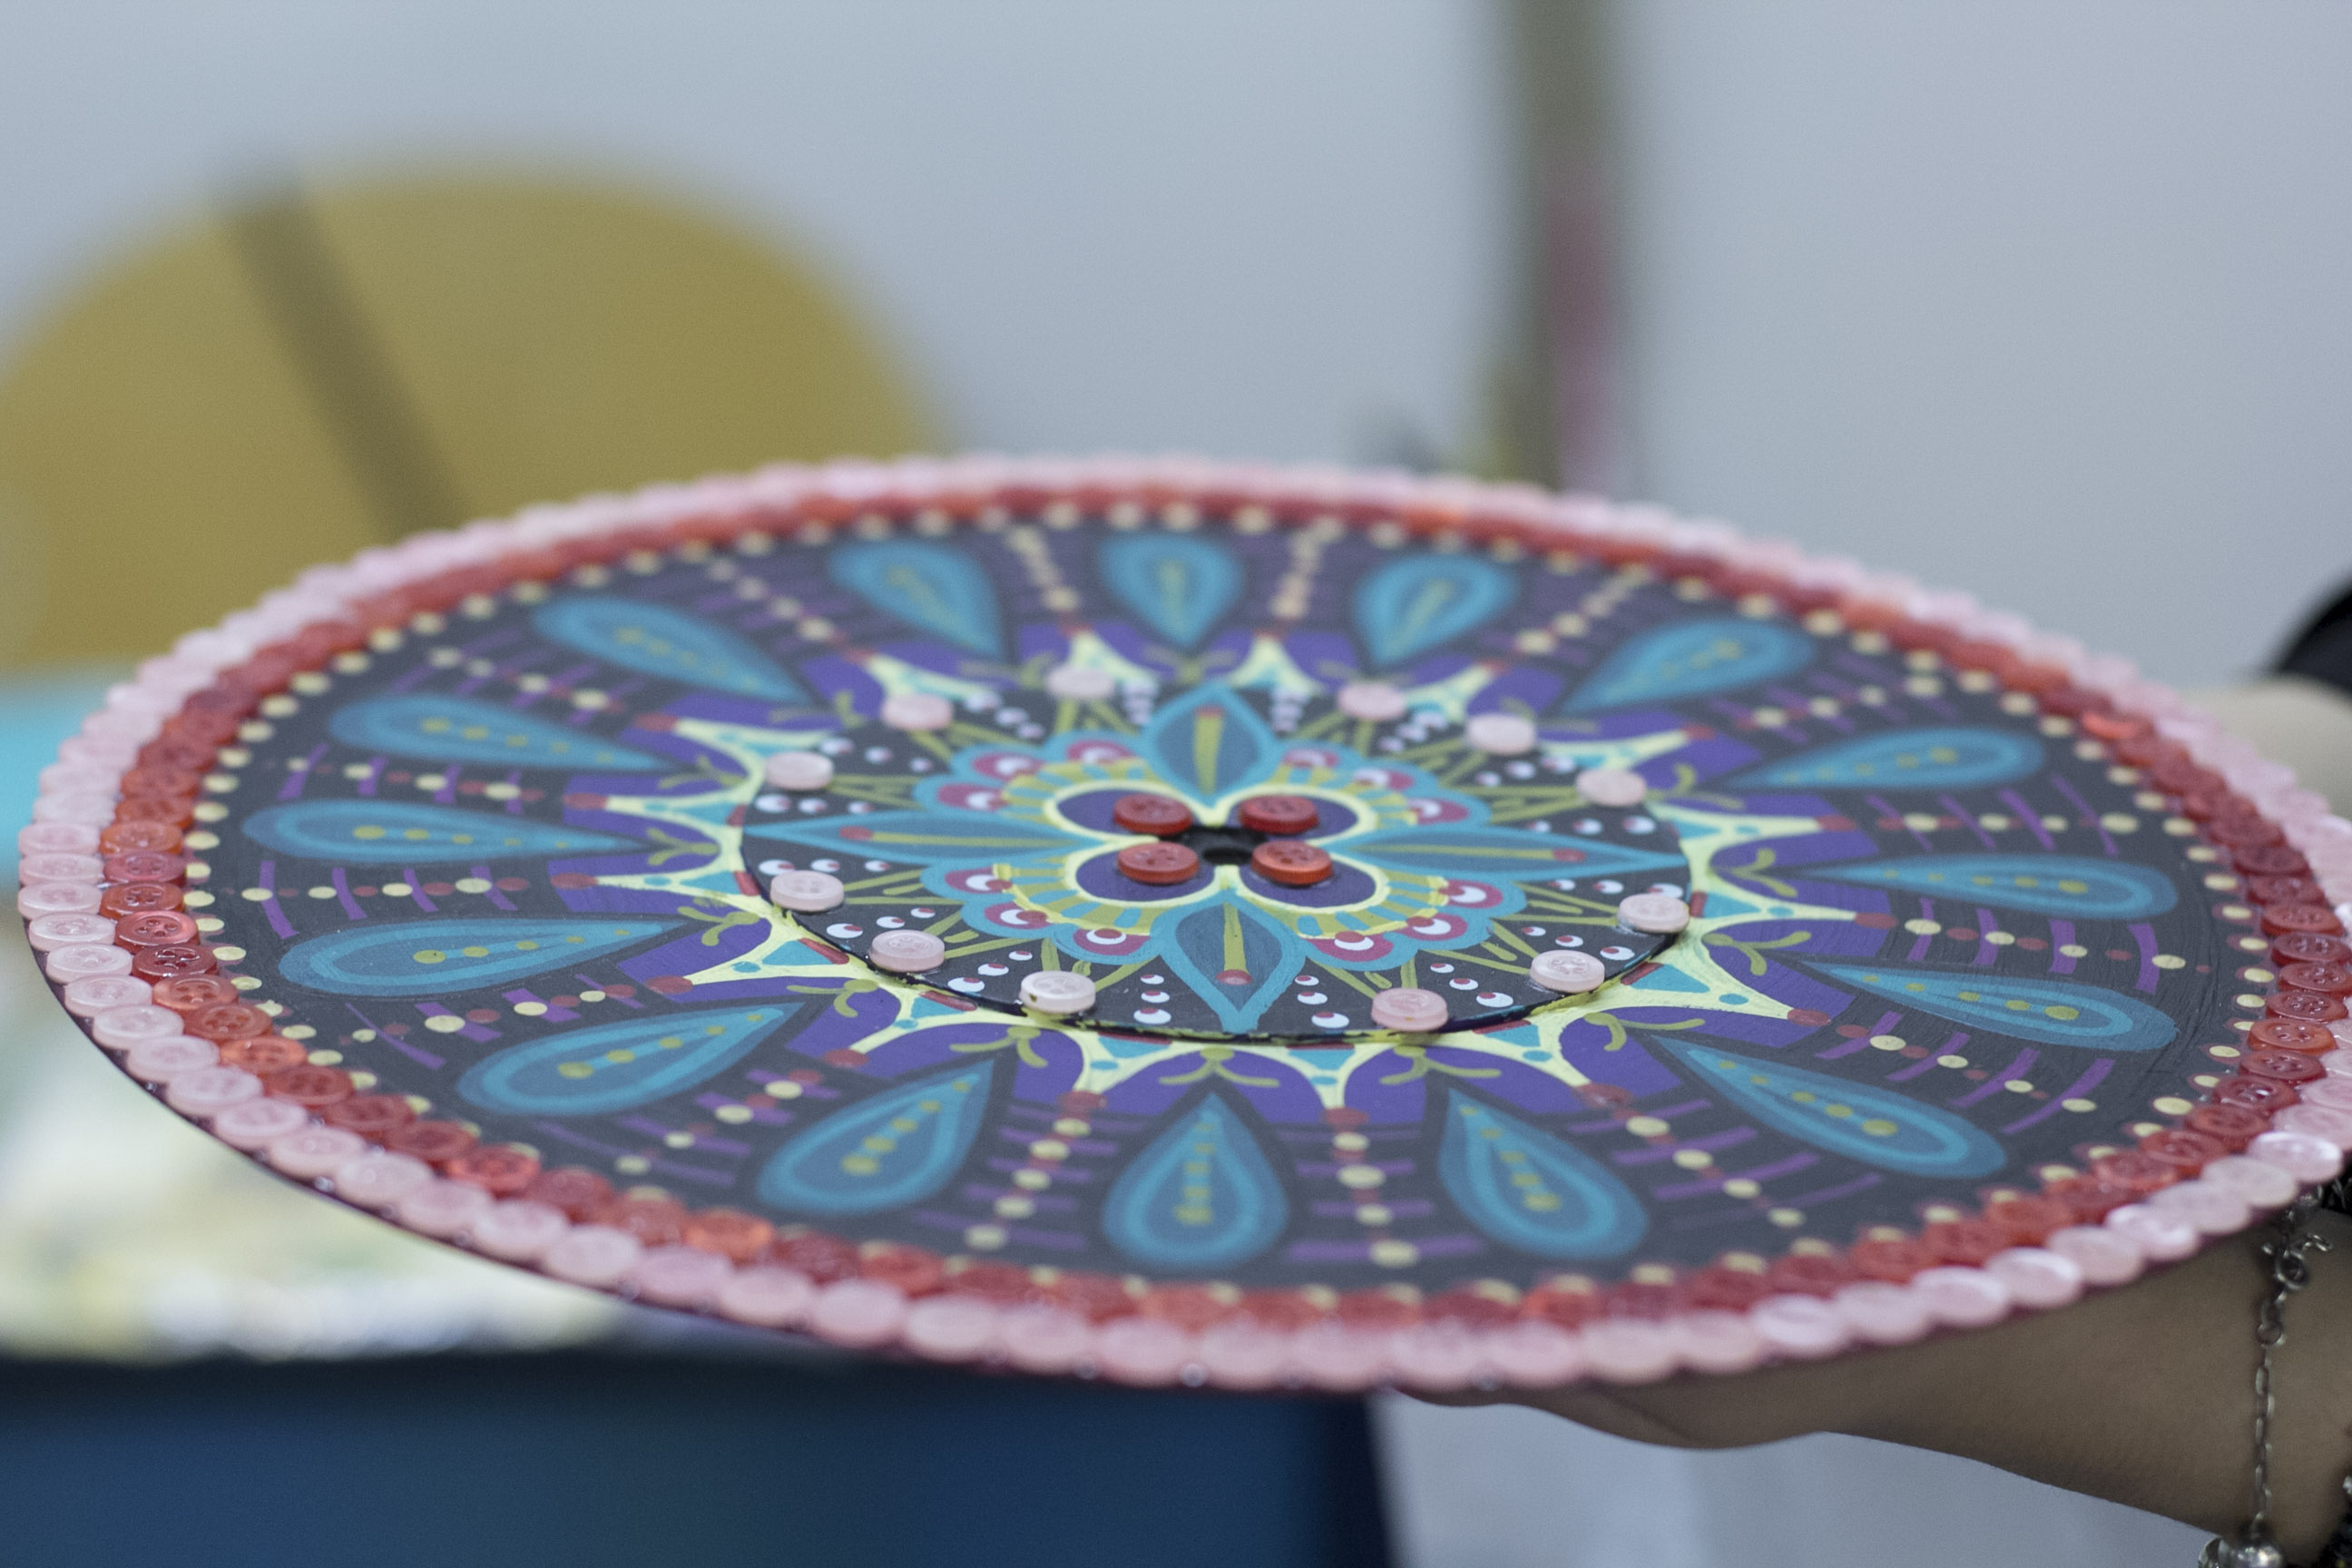 Jéssica é apaixonada por mandalas, aqui um disco de vinil transformado em arte